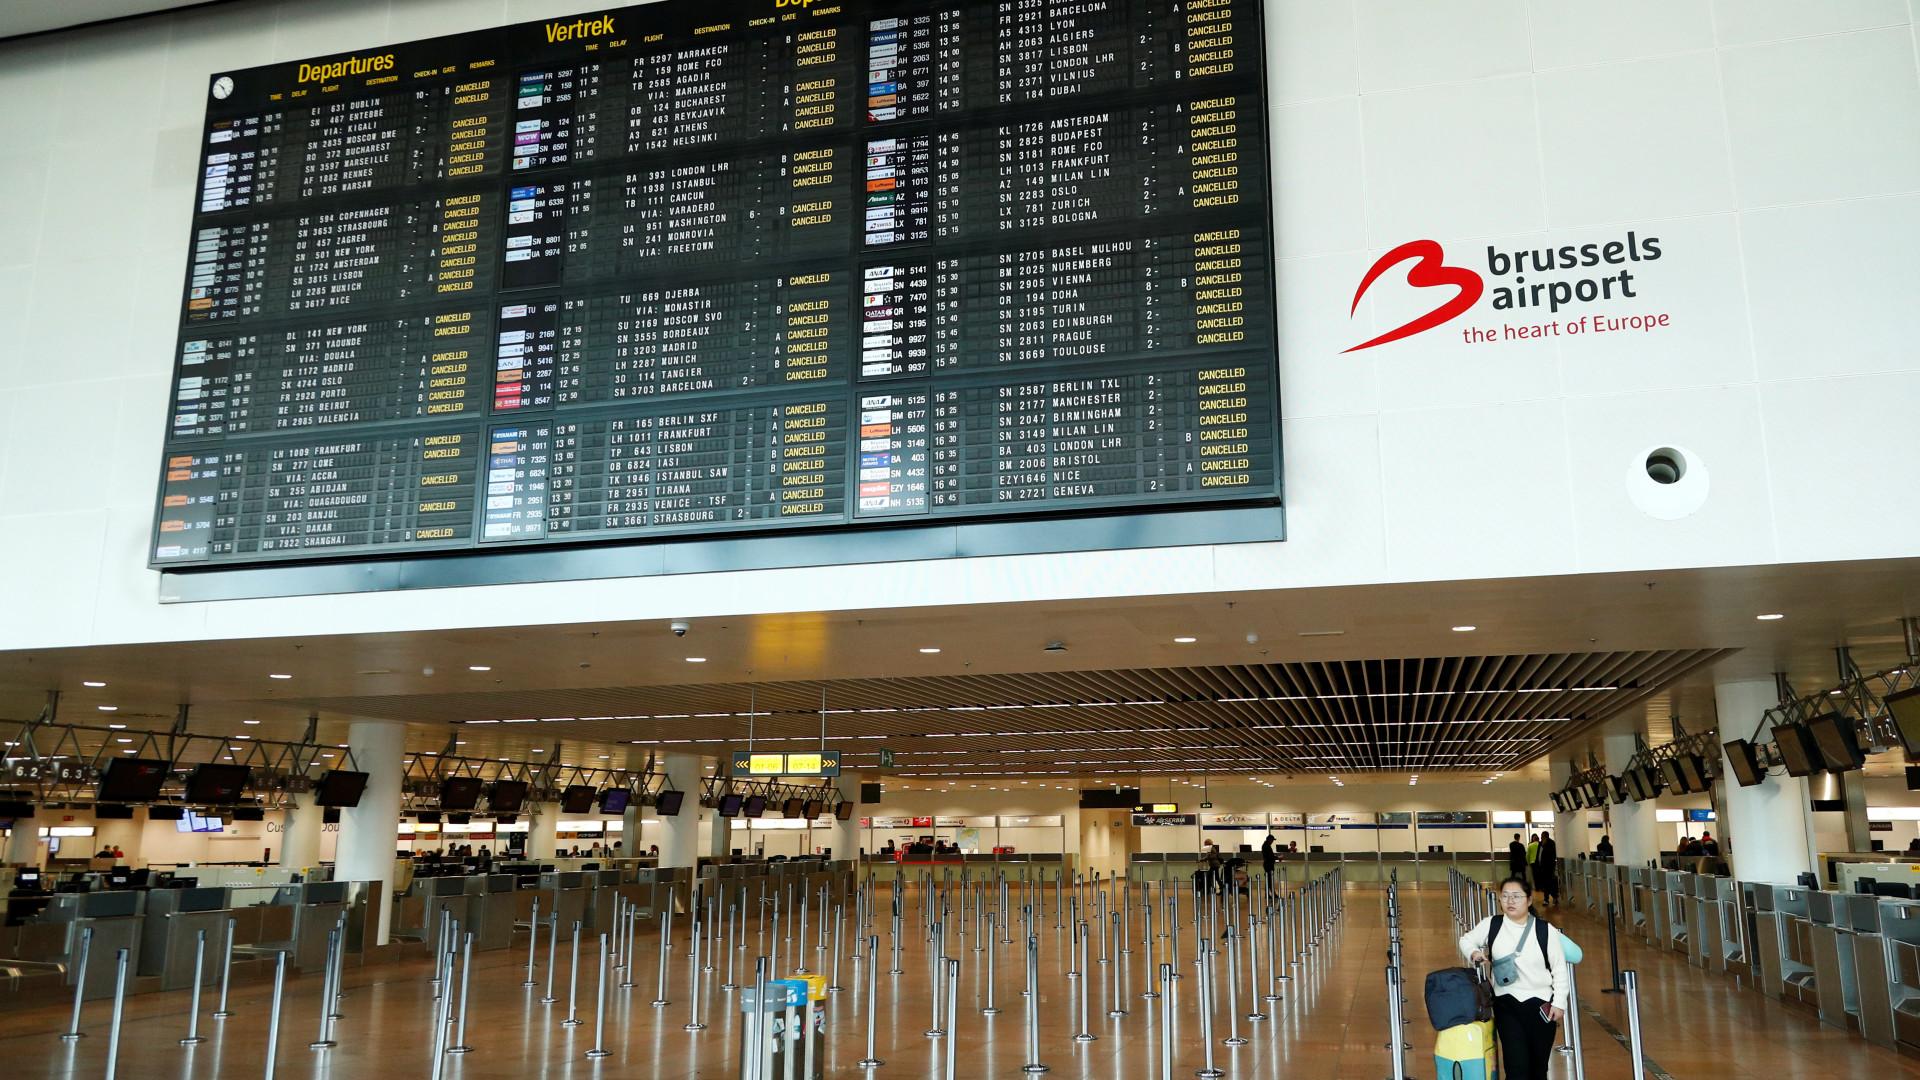 Bélgica em marcha lenta com espaço aéreo fechado e transportes parados